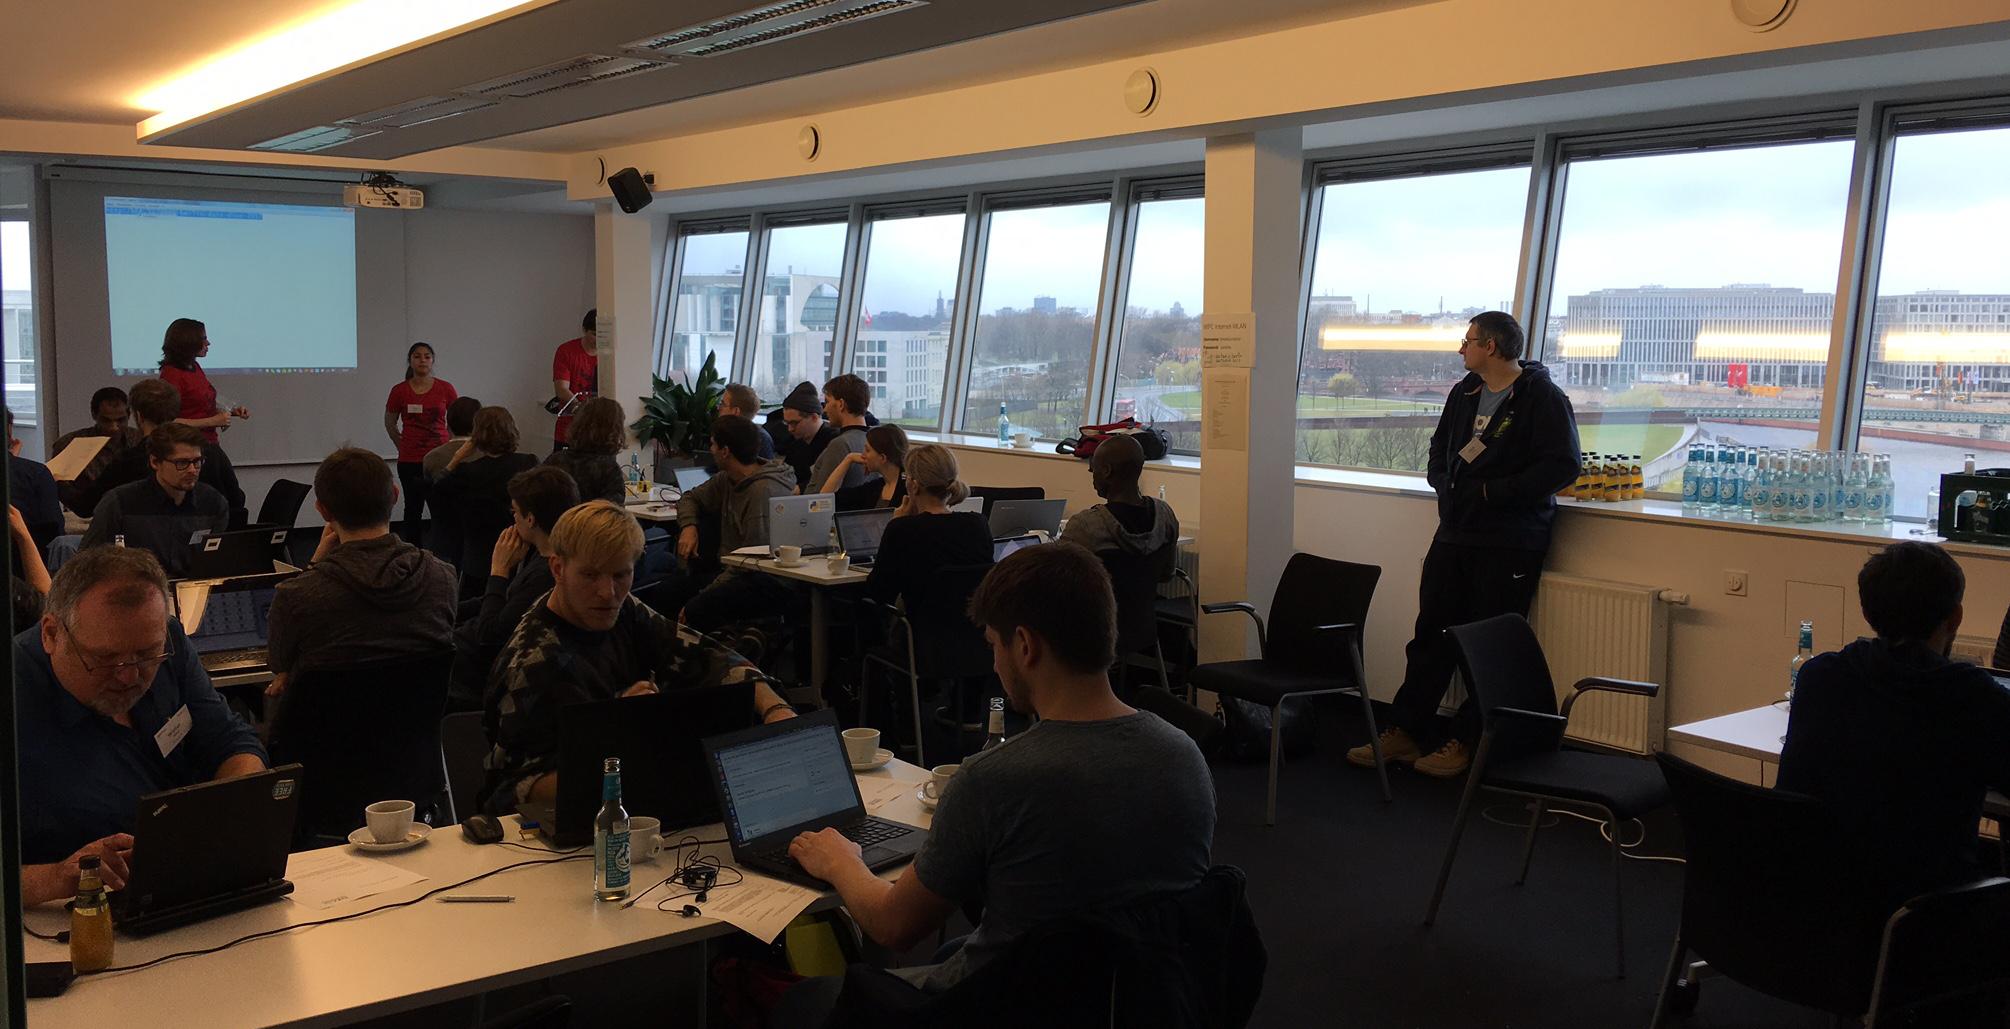 Foreground: Making data work. Background: German Chancellery